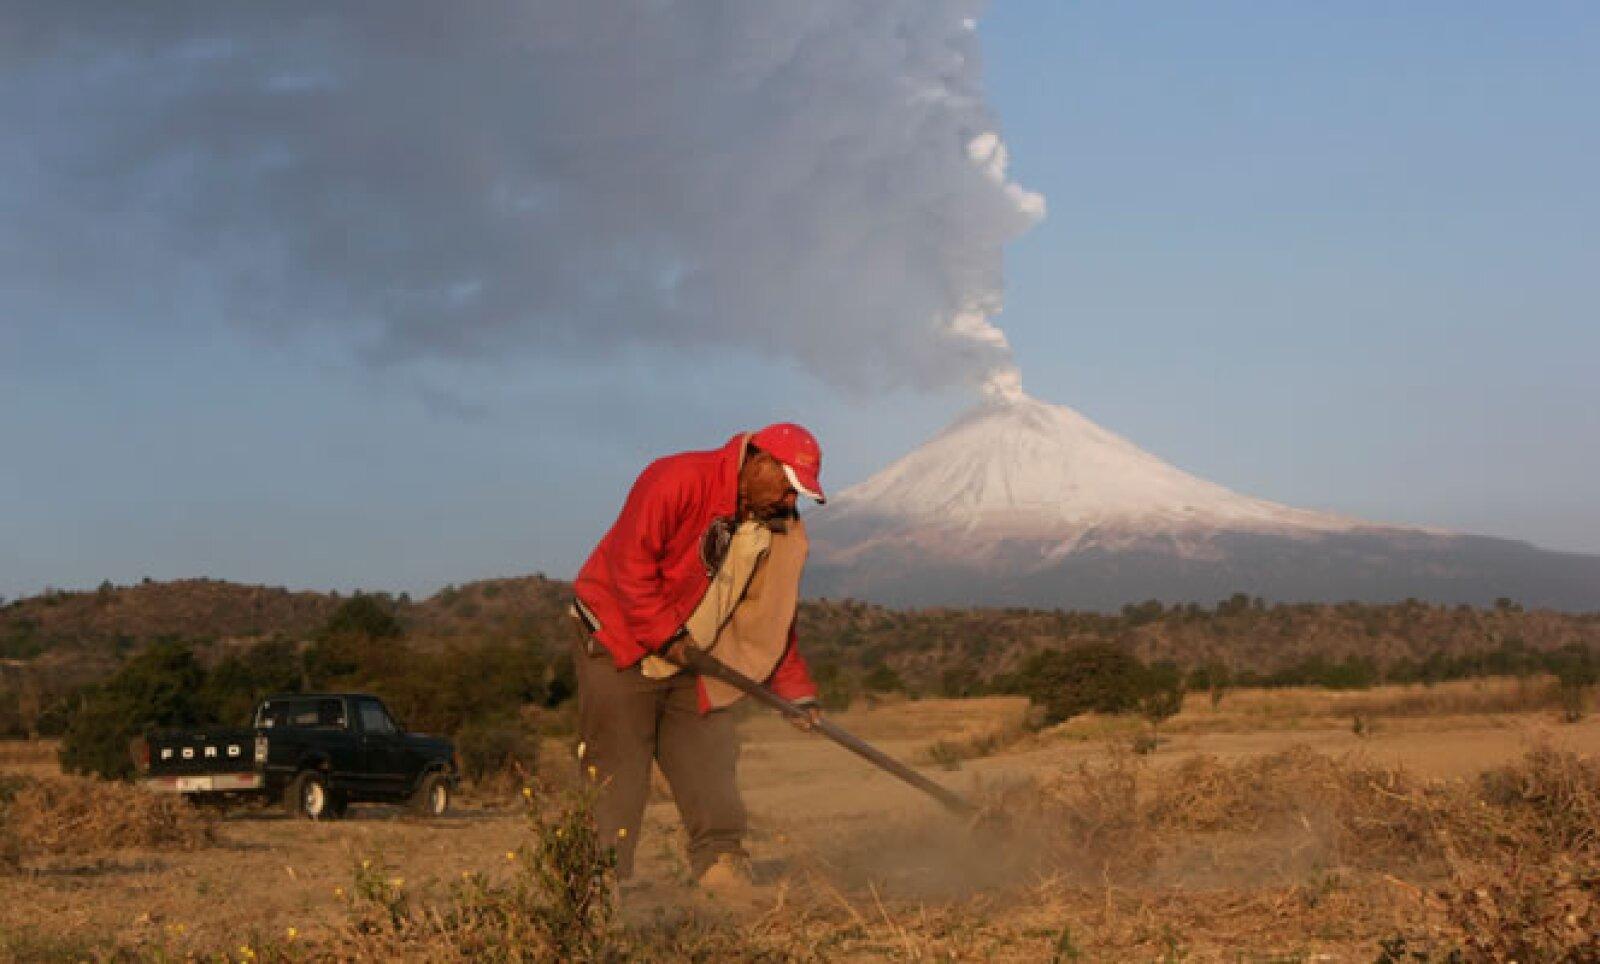 Residentes de San Nicolas de los Ranchos, Puebla, cercanos al volcán, realizan sus actividades de forma normal aunque se mantienen pendientes por si ocurre un desalojo.